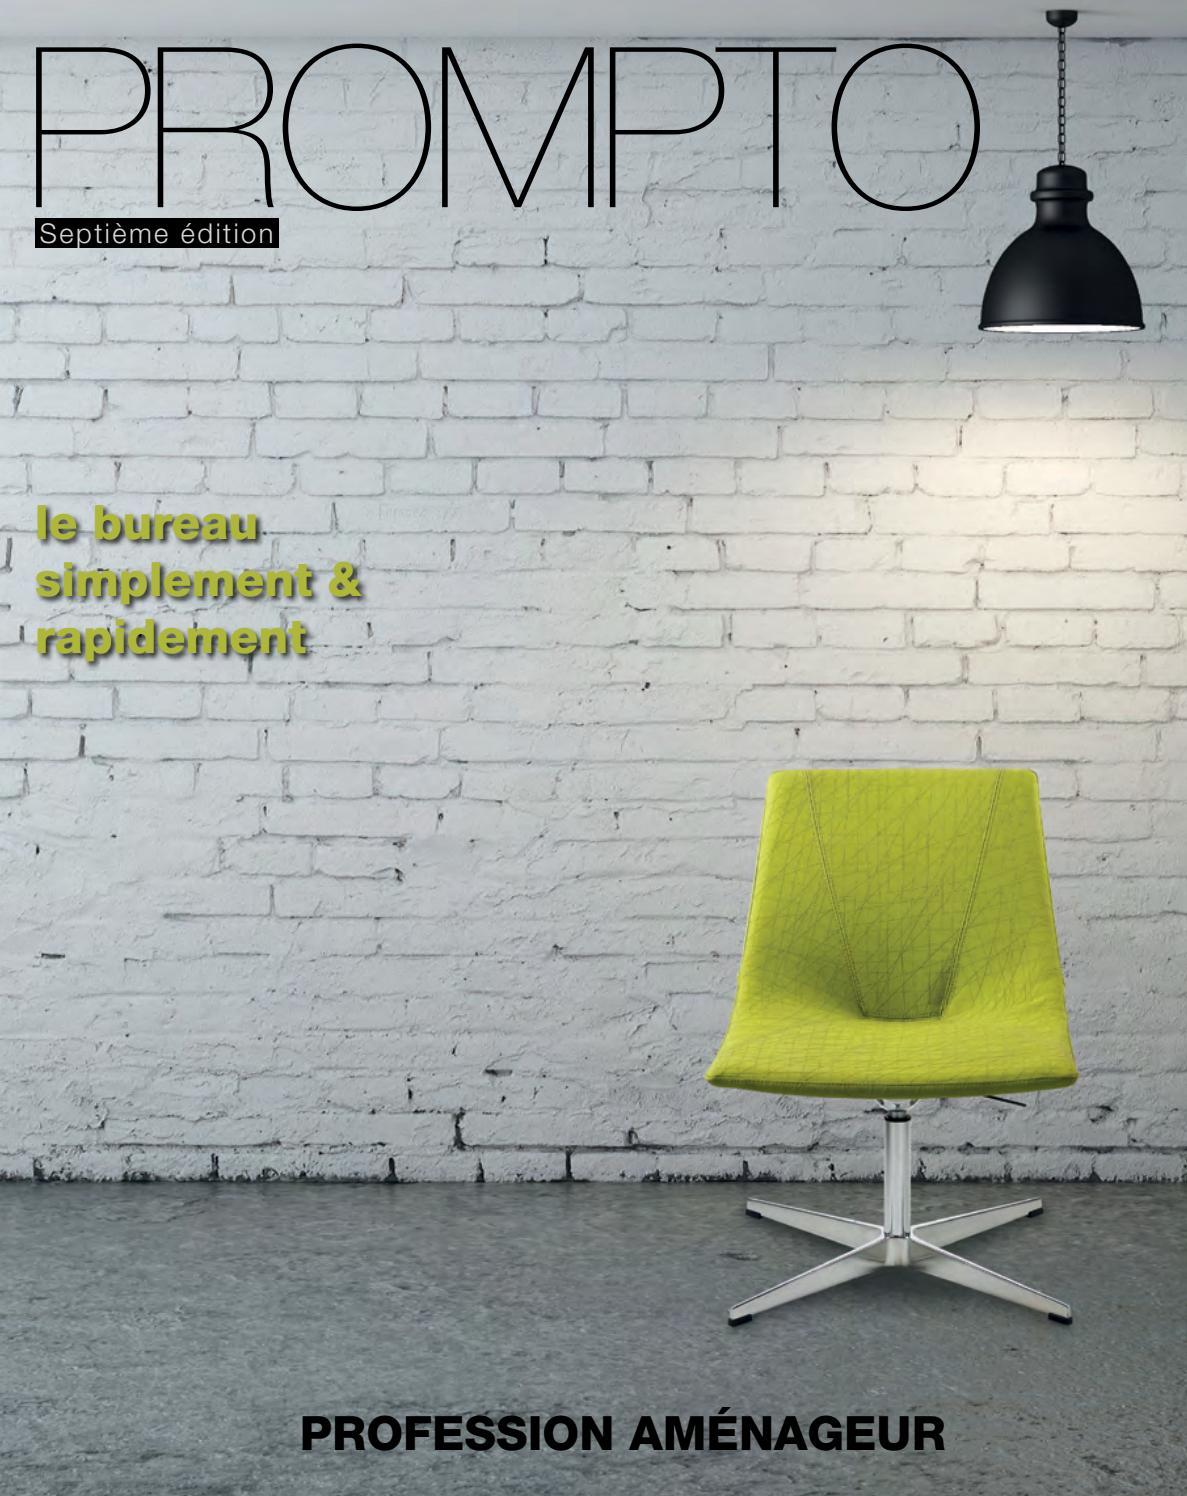 Socle réglable jambe pour armoires meubles // sofa satin 100mm